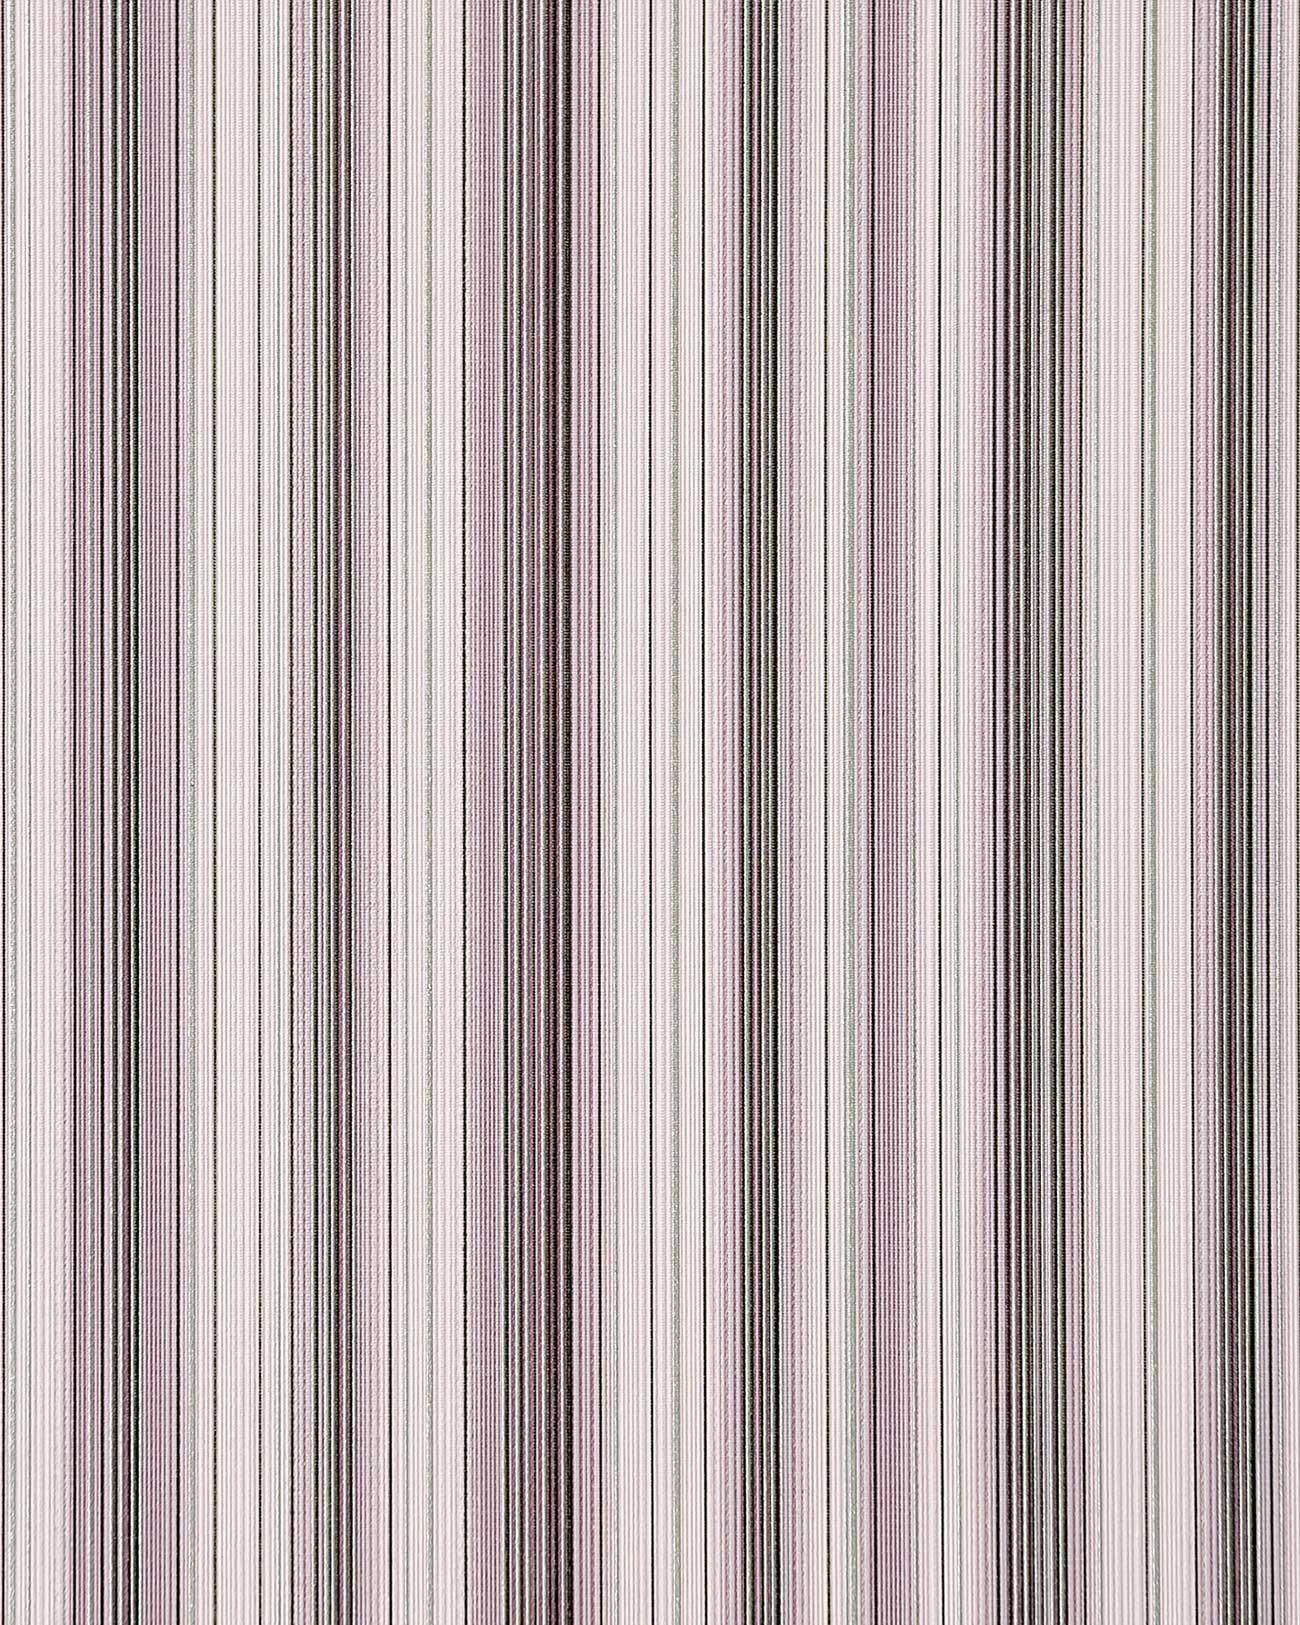 Carta da parati vinilica edem 097 24 a strisce disegno a for Carta parati a righe